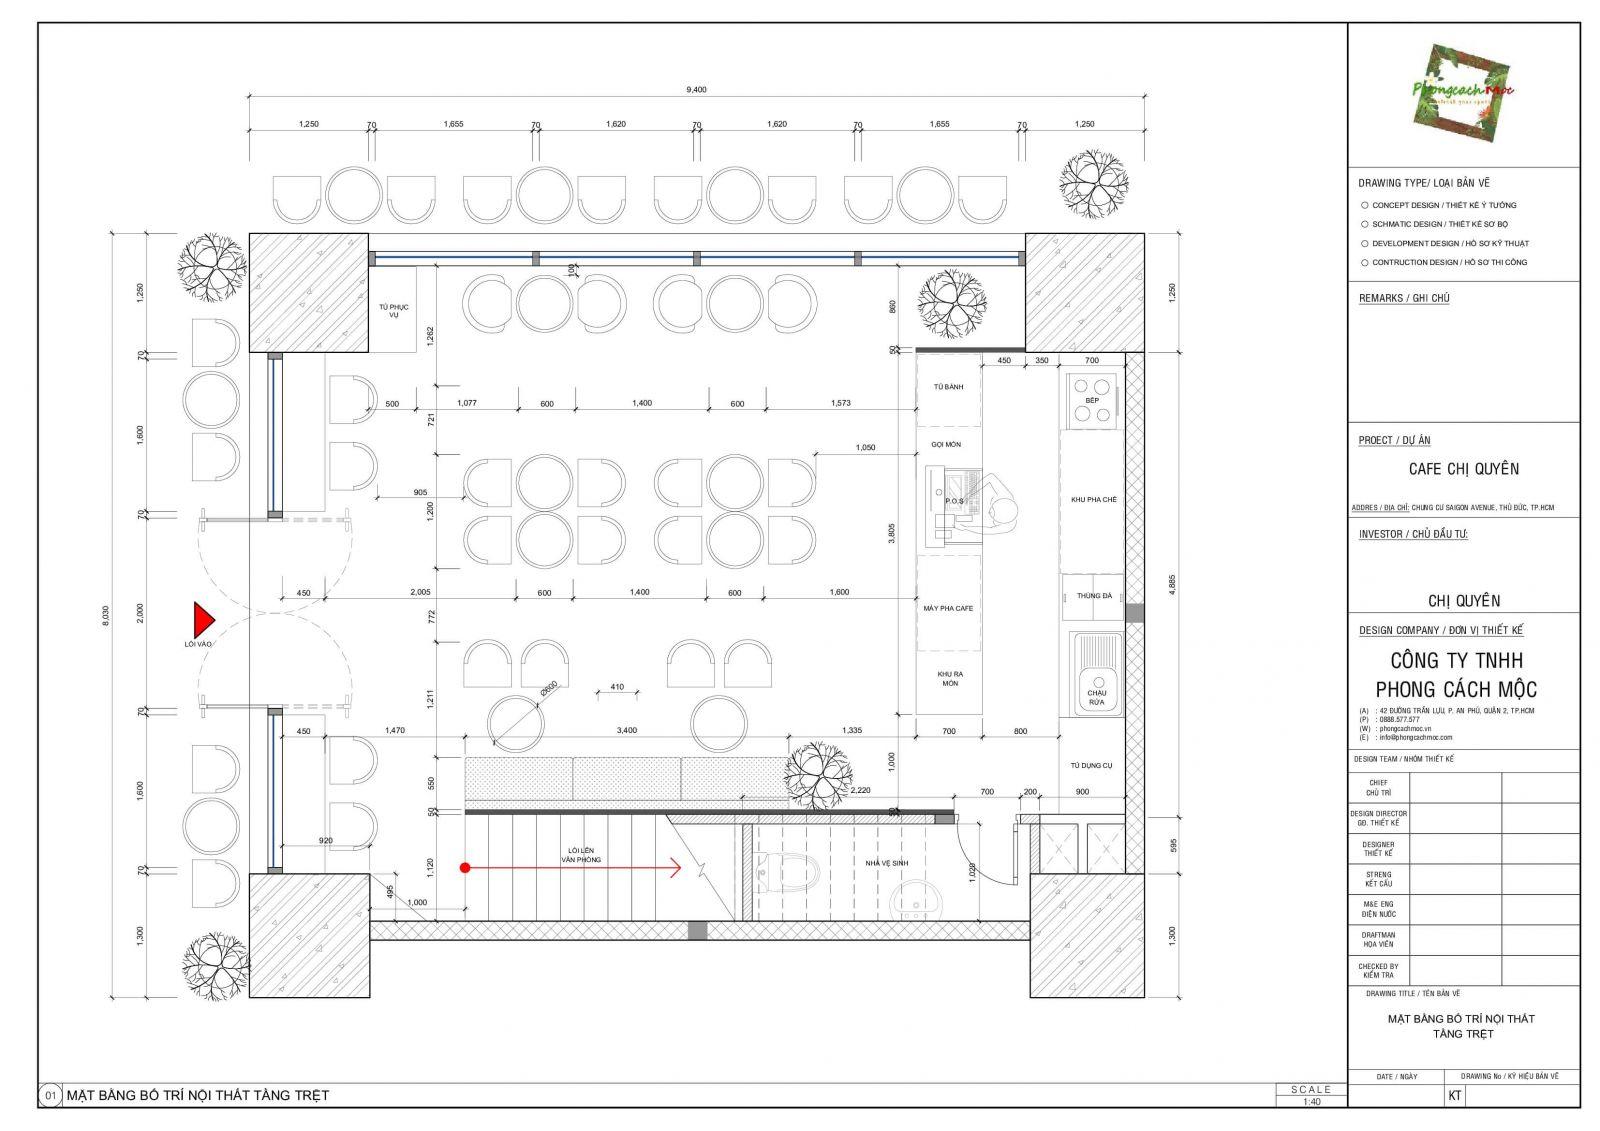 layout-thiet-ke-quan-cafe-hien-dai-dp-coffee-tai-thu-duc